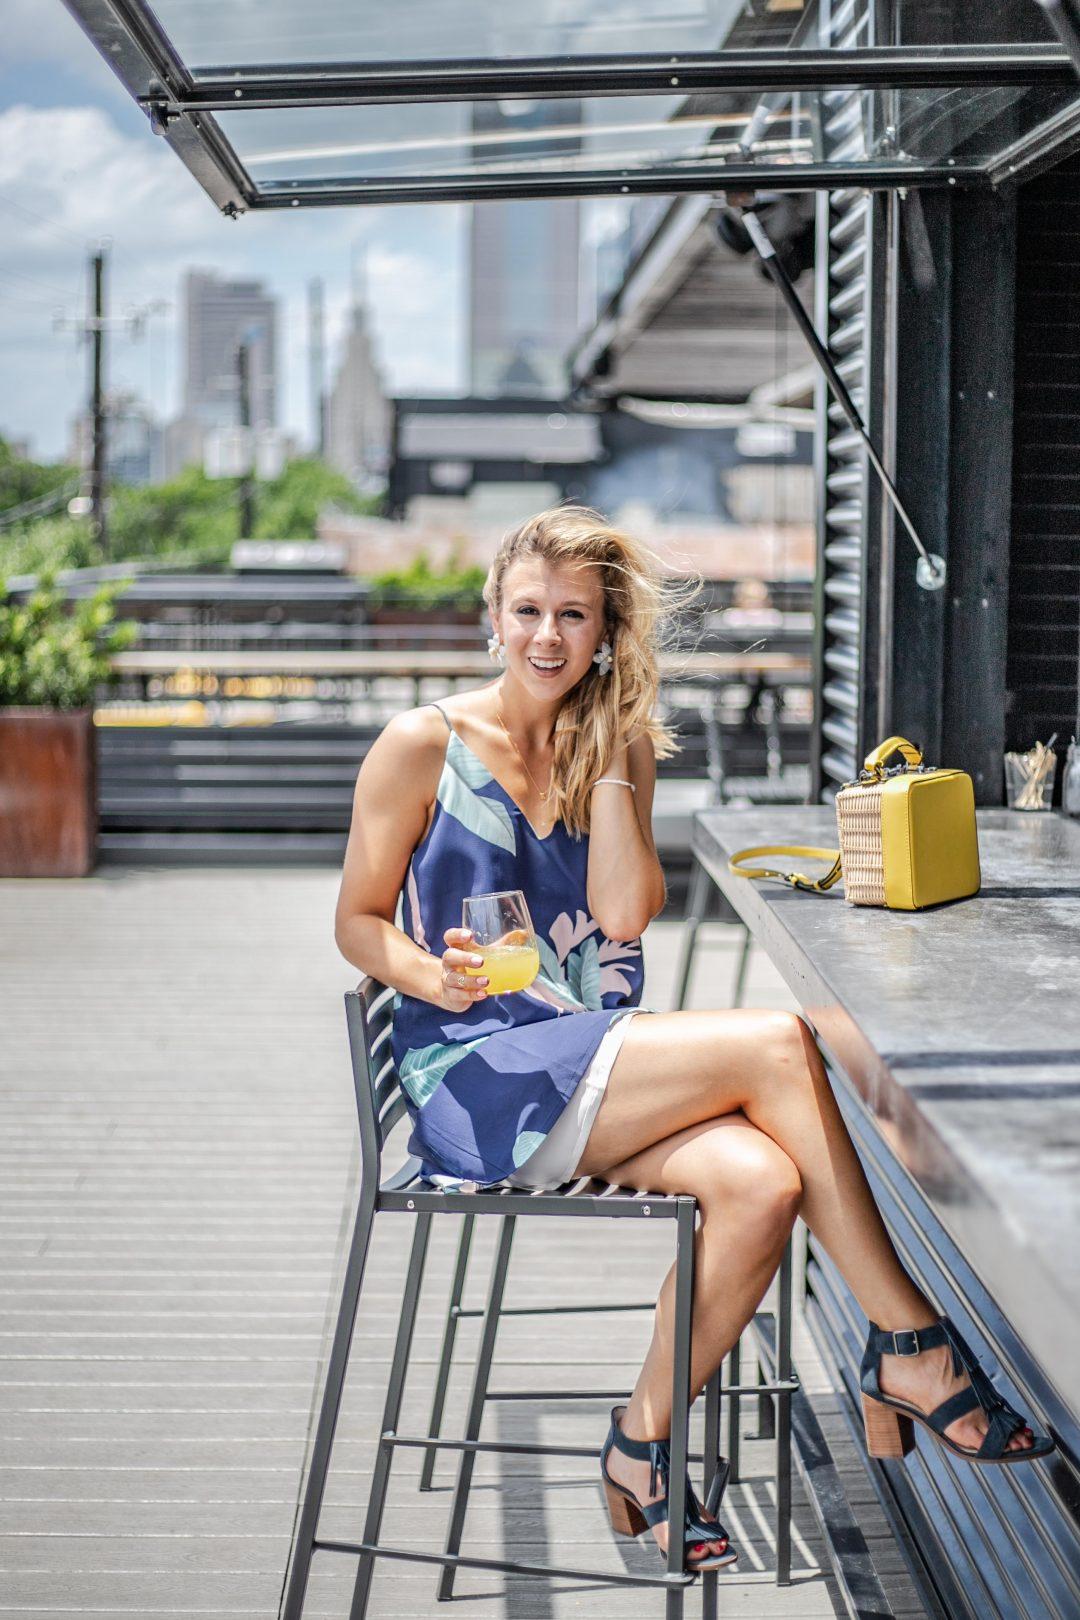 Top 6 Best Rooftop Bars in Dallas | Running in Heels